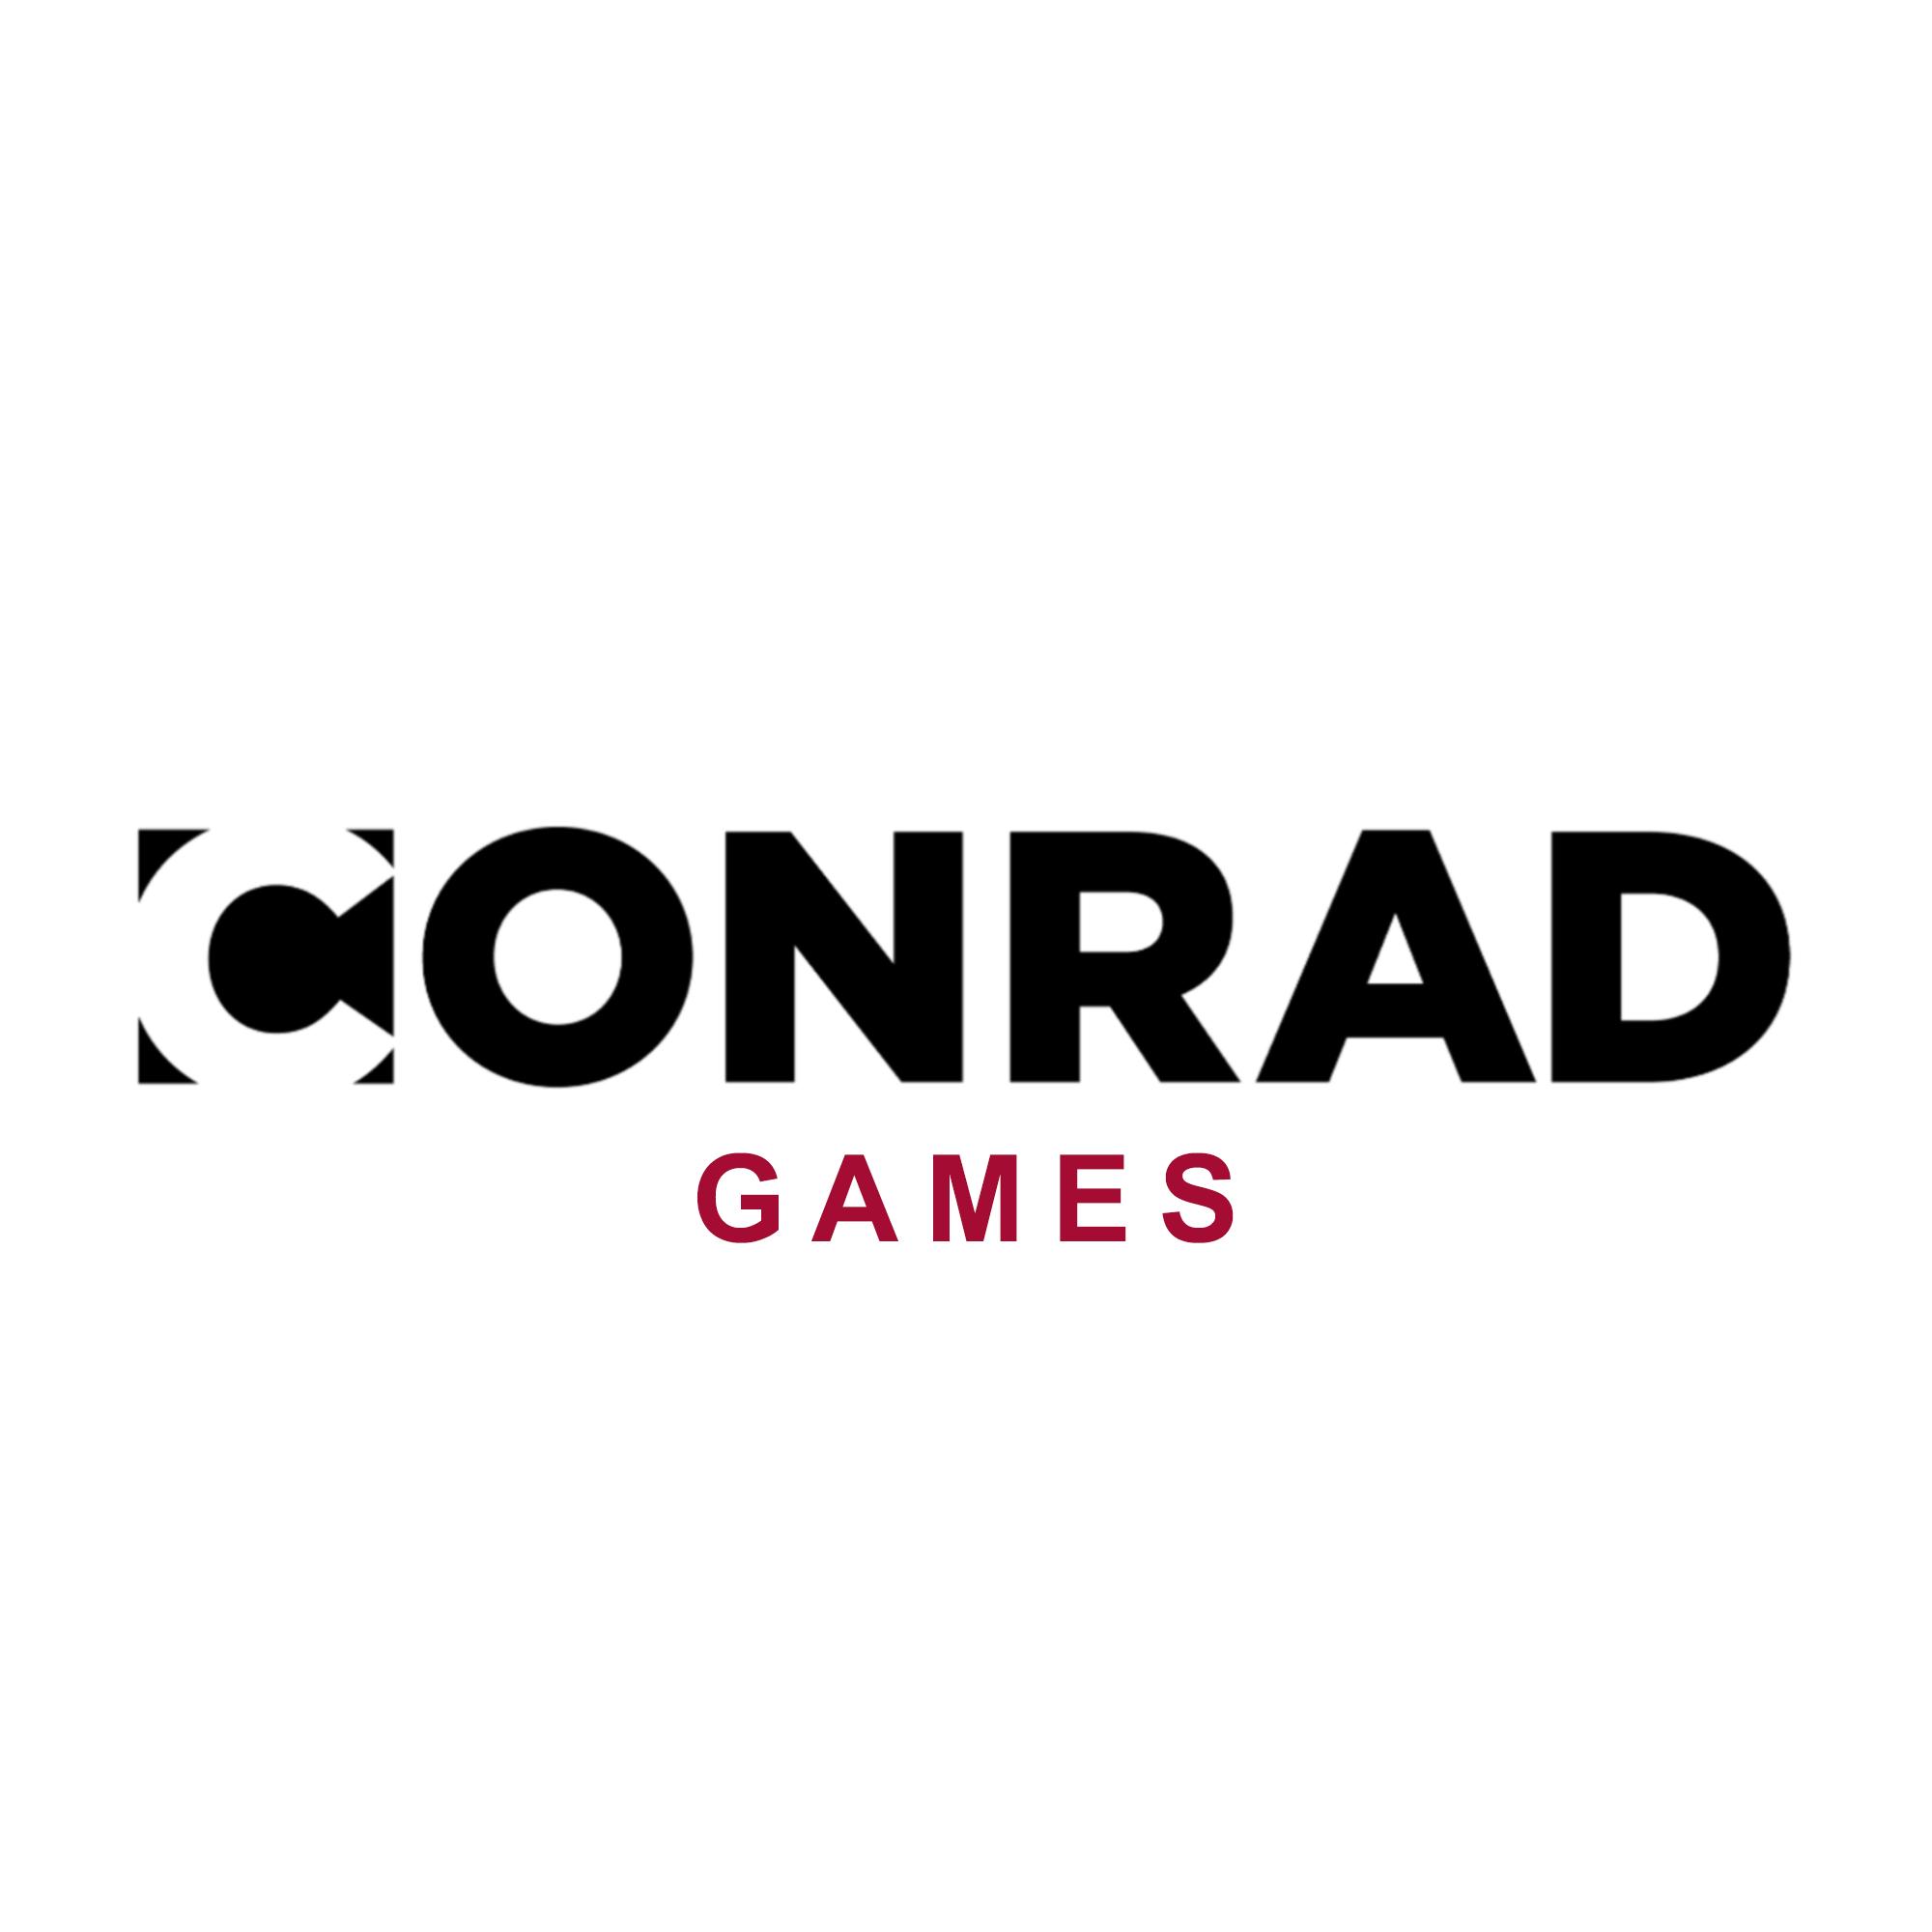 Conrad games logo